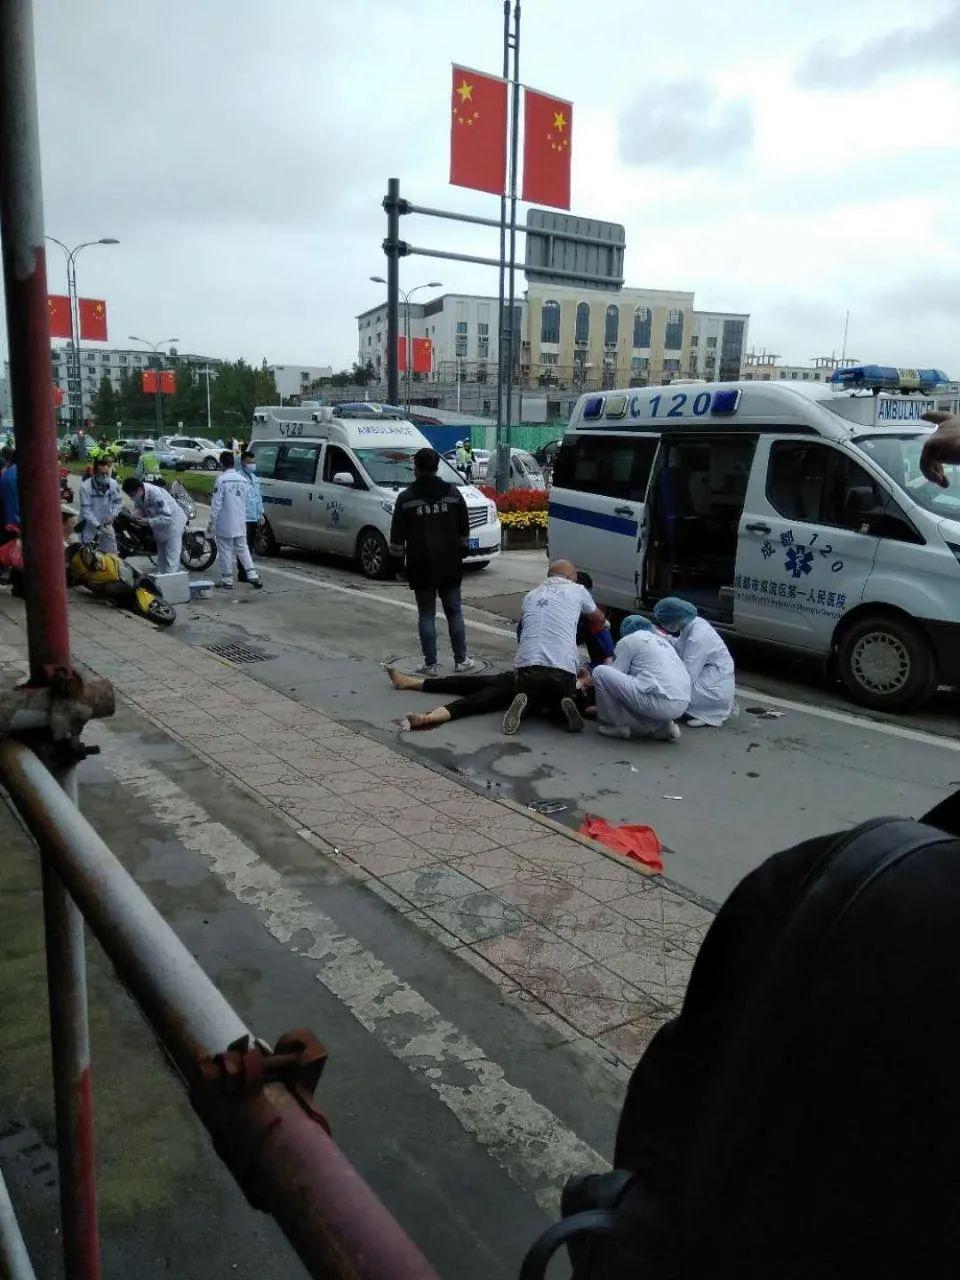 成都双流车祸致1死7伤 车祸事故原因正在进一步调查中